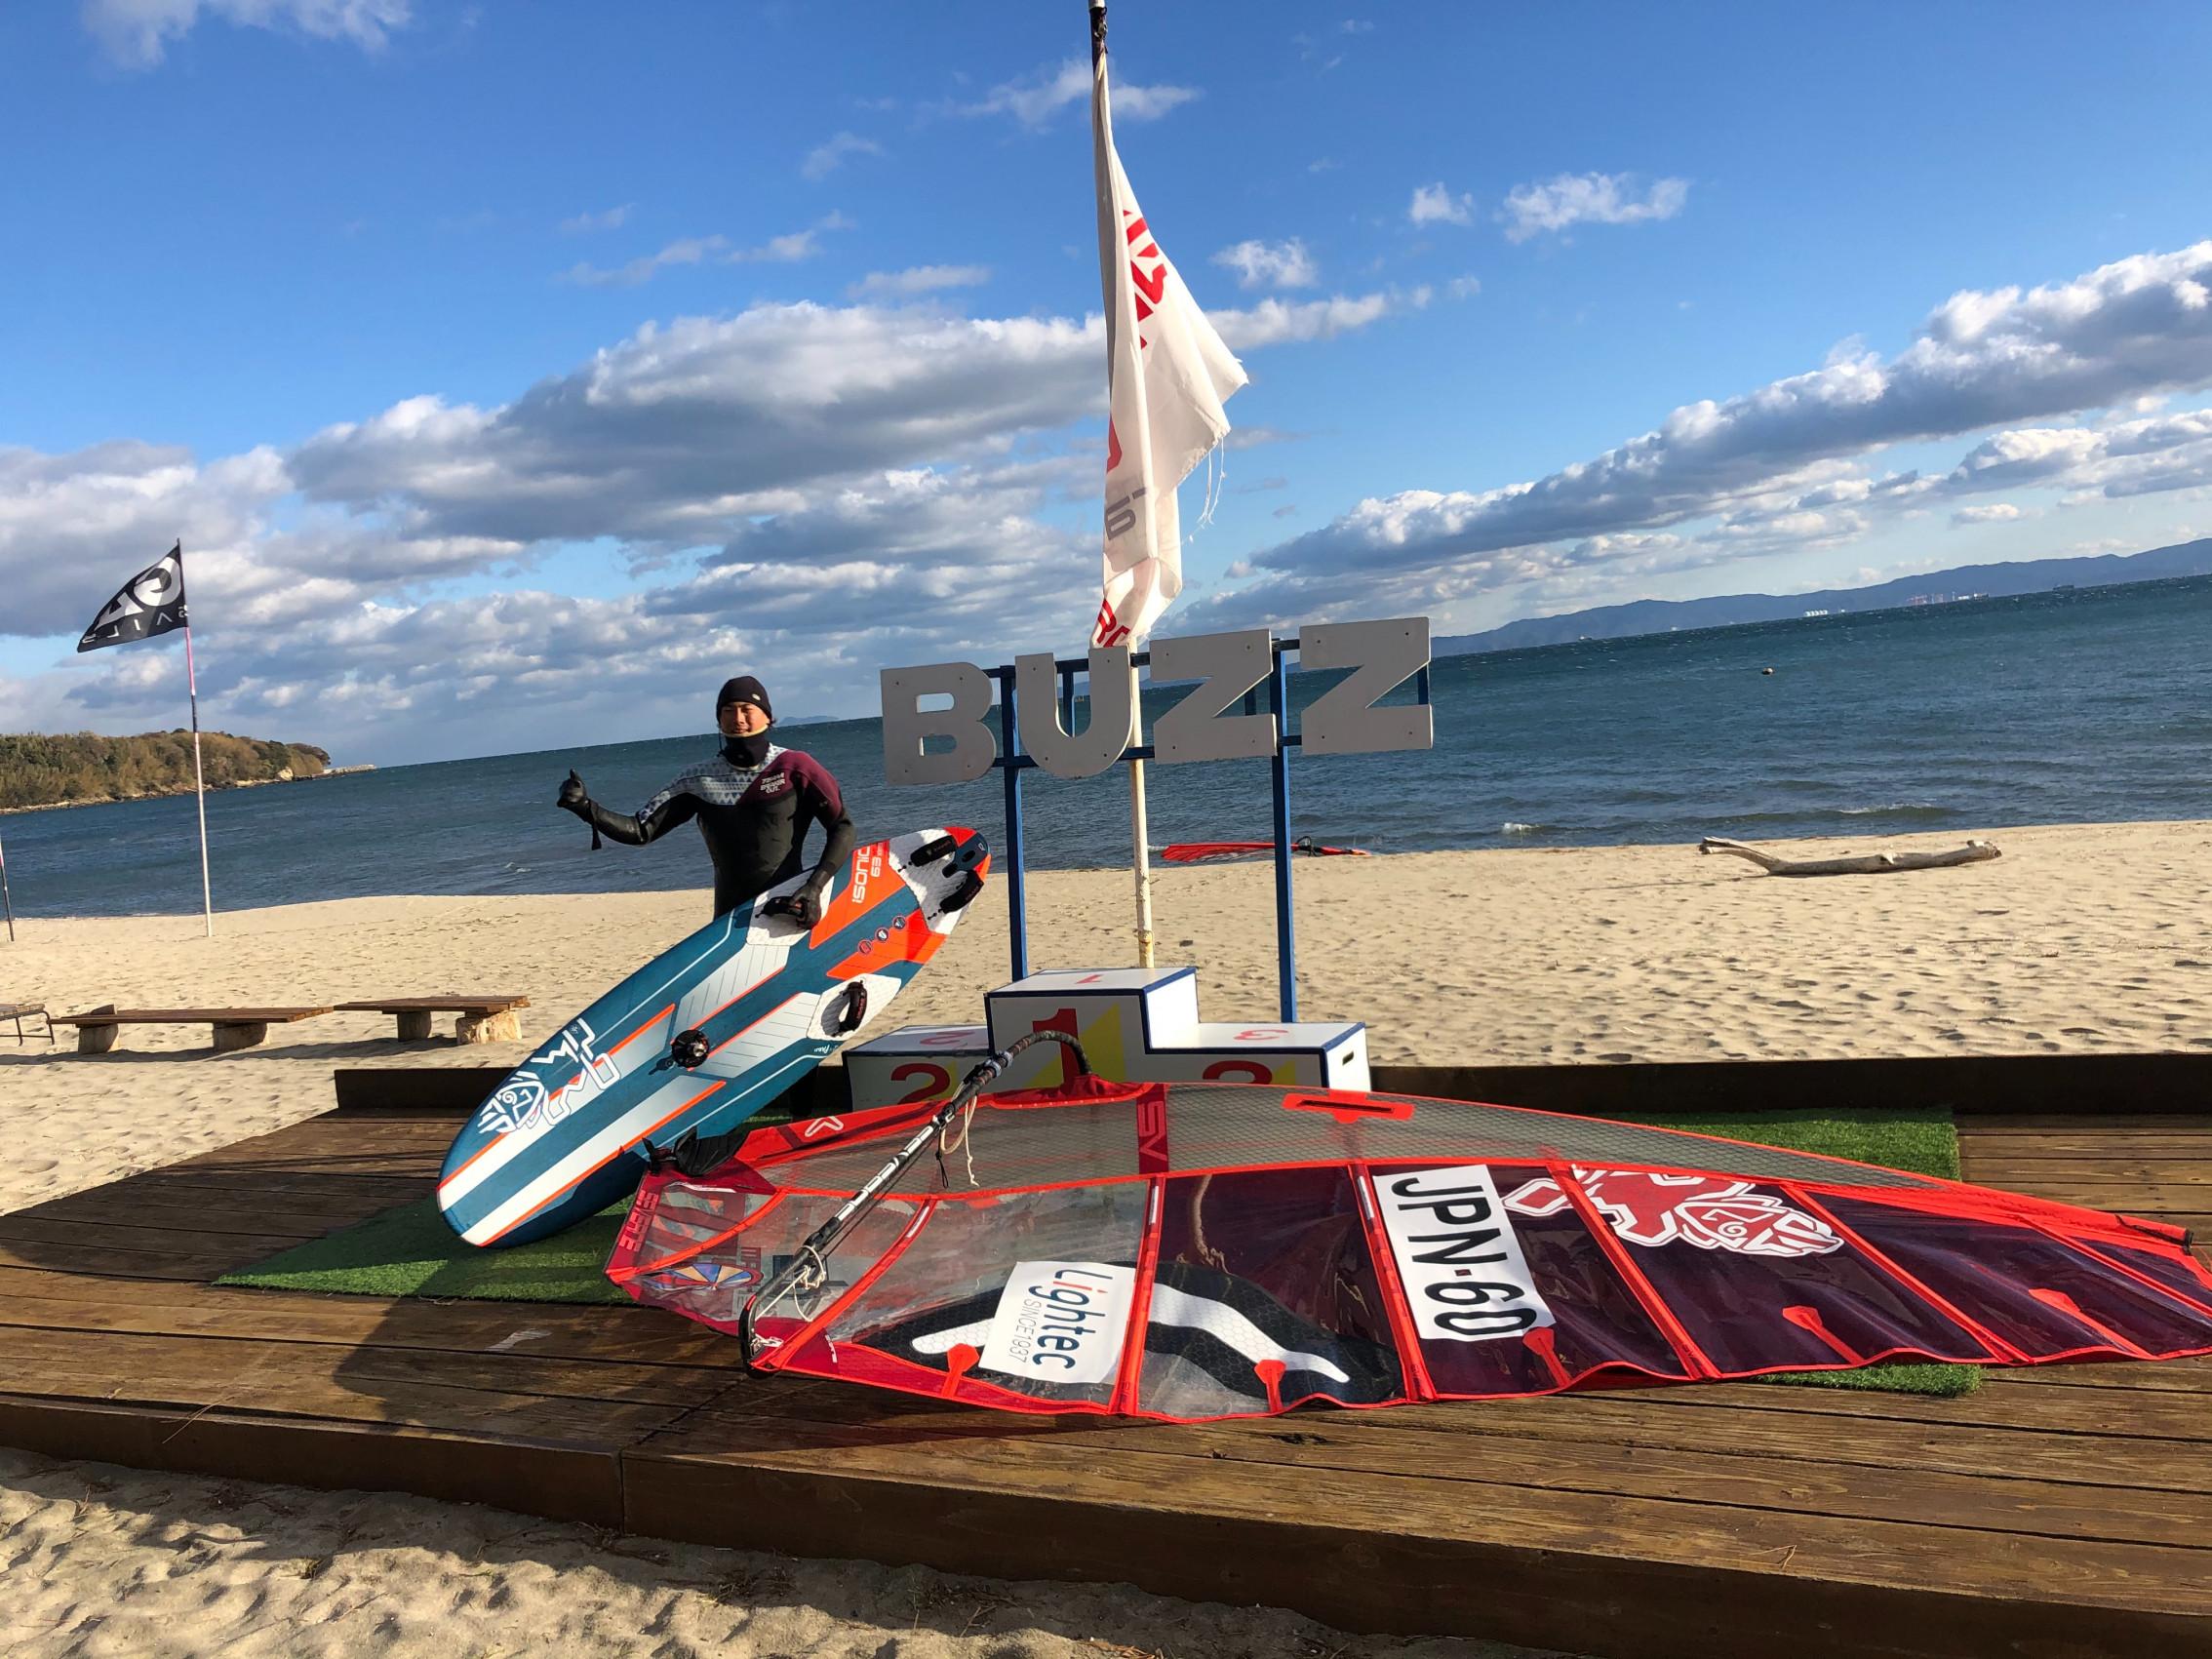 【大分】ウィンドサーフィンの道具レンタル料金・時間は?ボードの保管・お手入れ方法